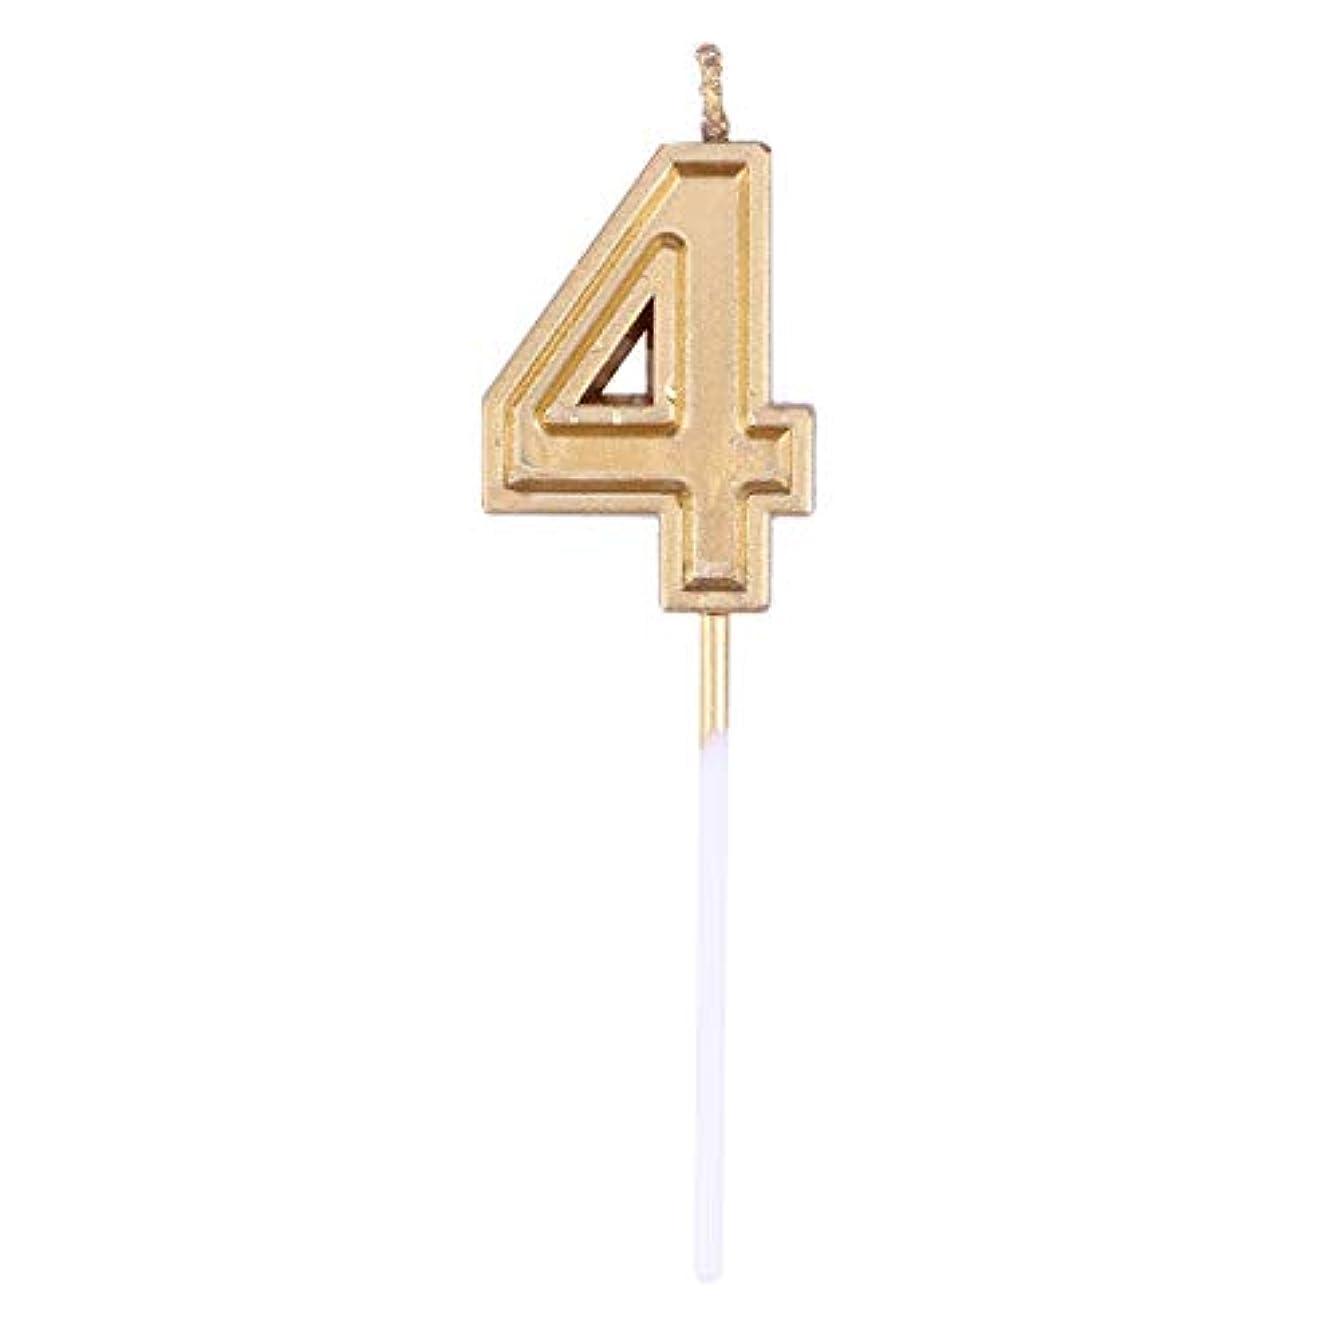 濃度ブラスト抵抗Toyvian ゴールドラメ誕生日おめでとう数字キャンドル番号キャンドルケーキトッパー装飾用大人キッズパーティー(番号4)